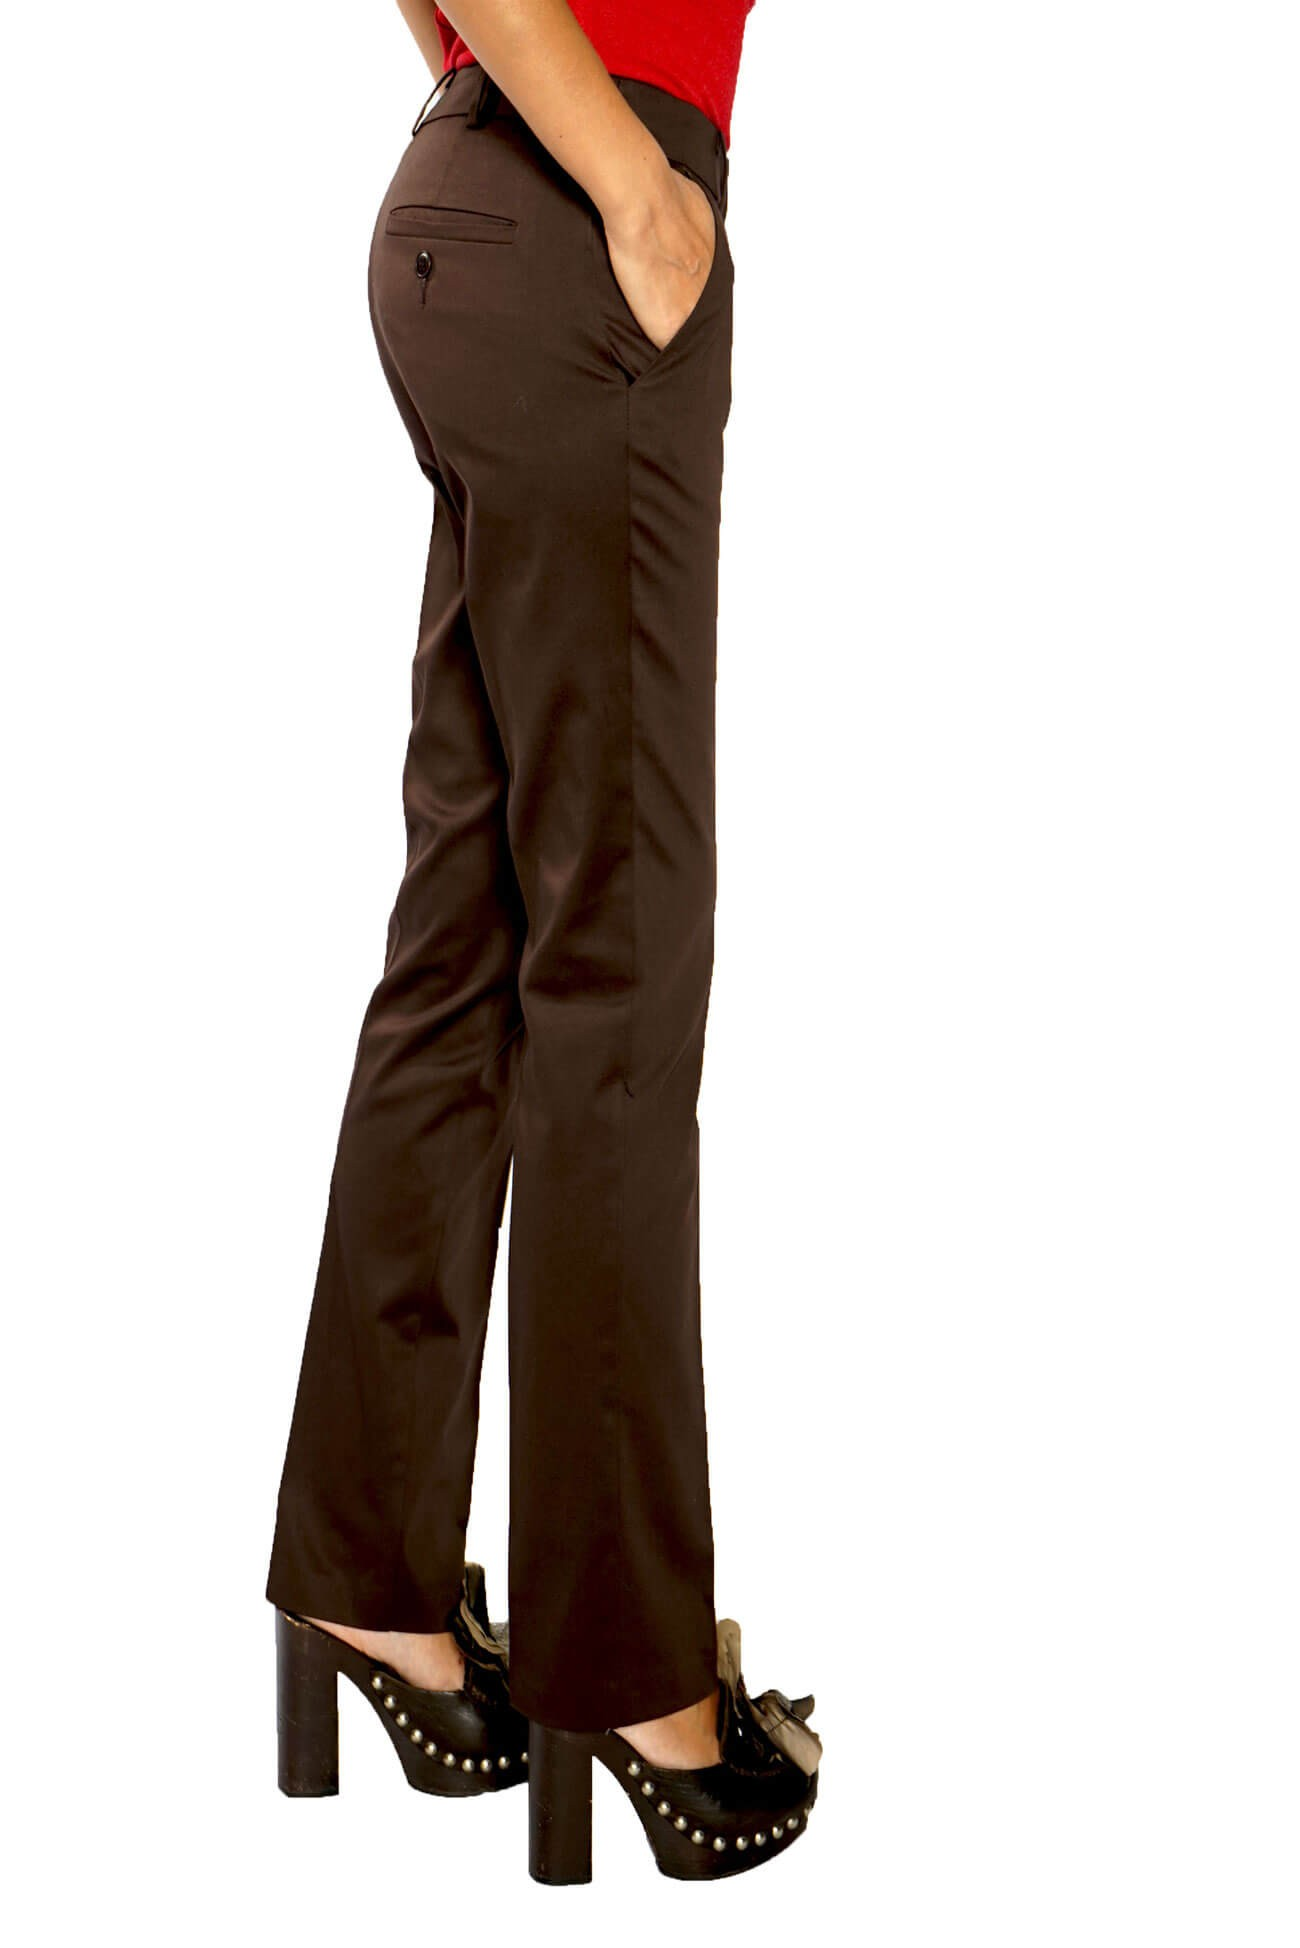 pantalon din bumbac tip creion maron